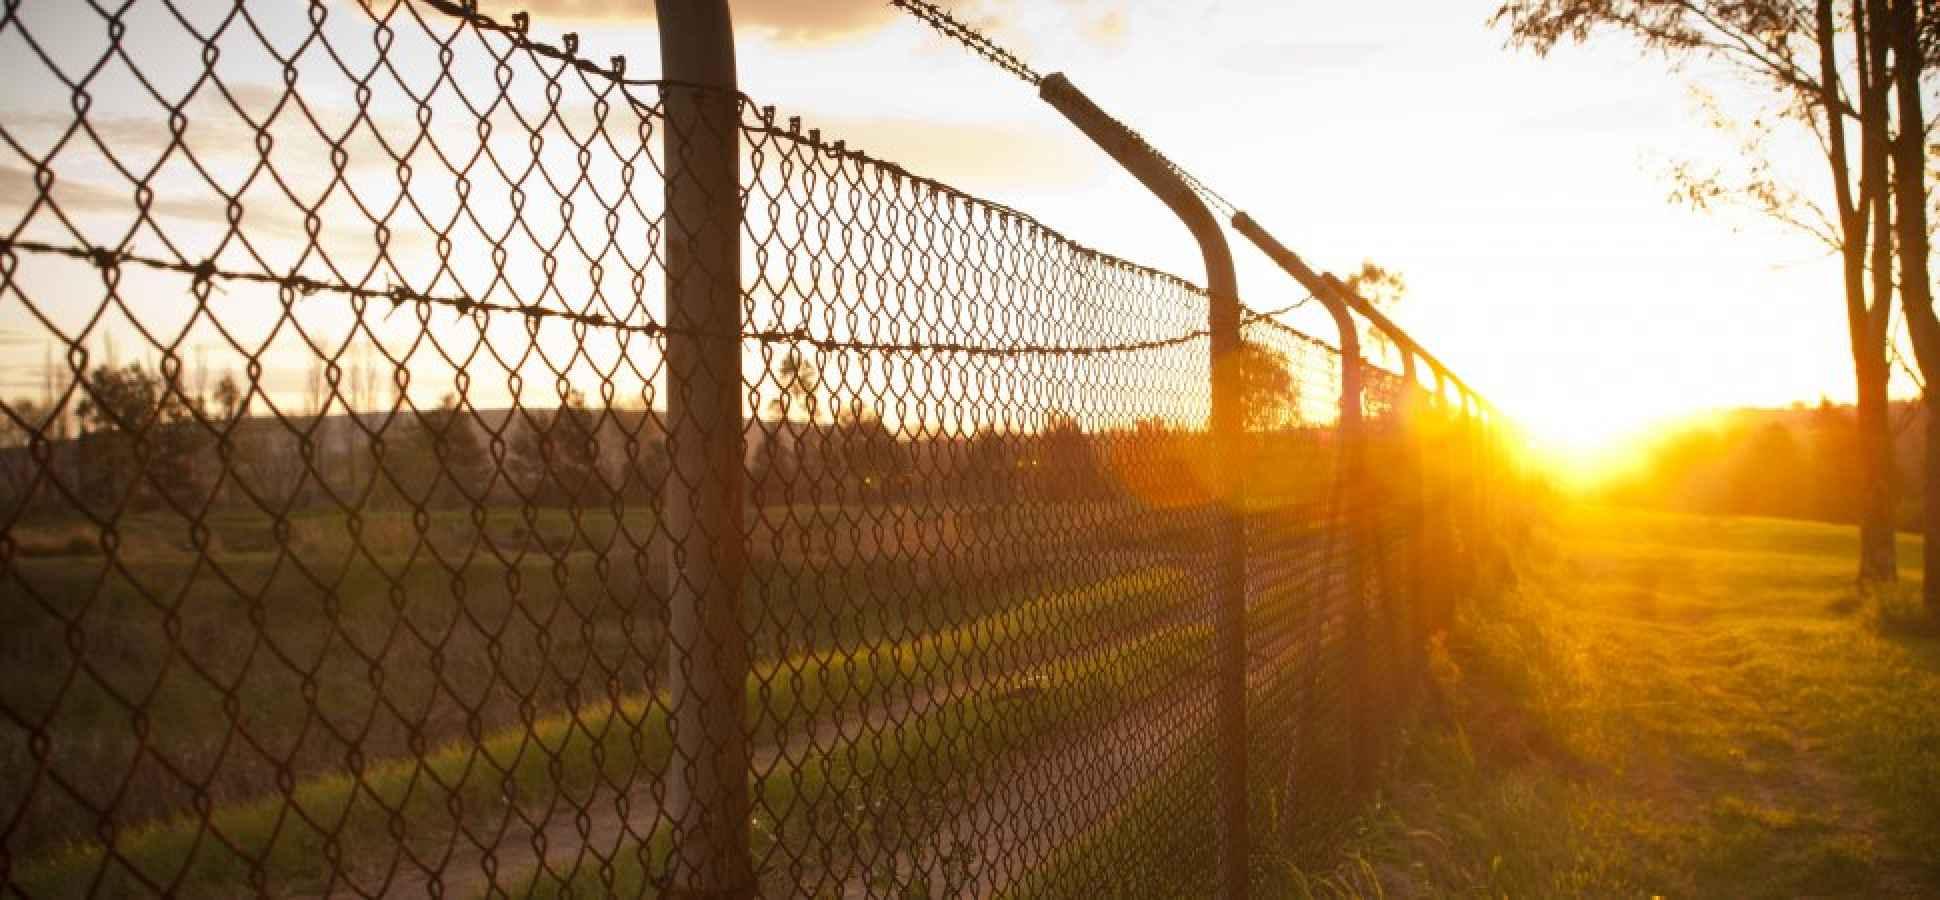 This Prison Runs a Program That Produces Entrepreneurs